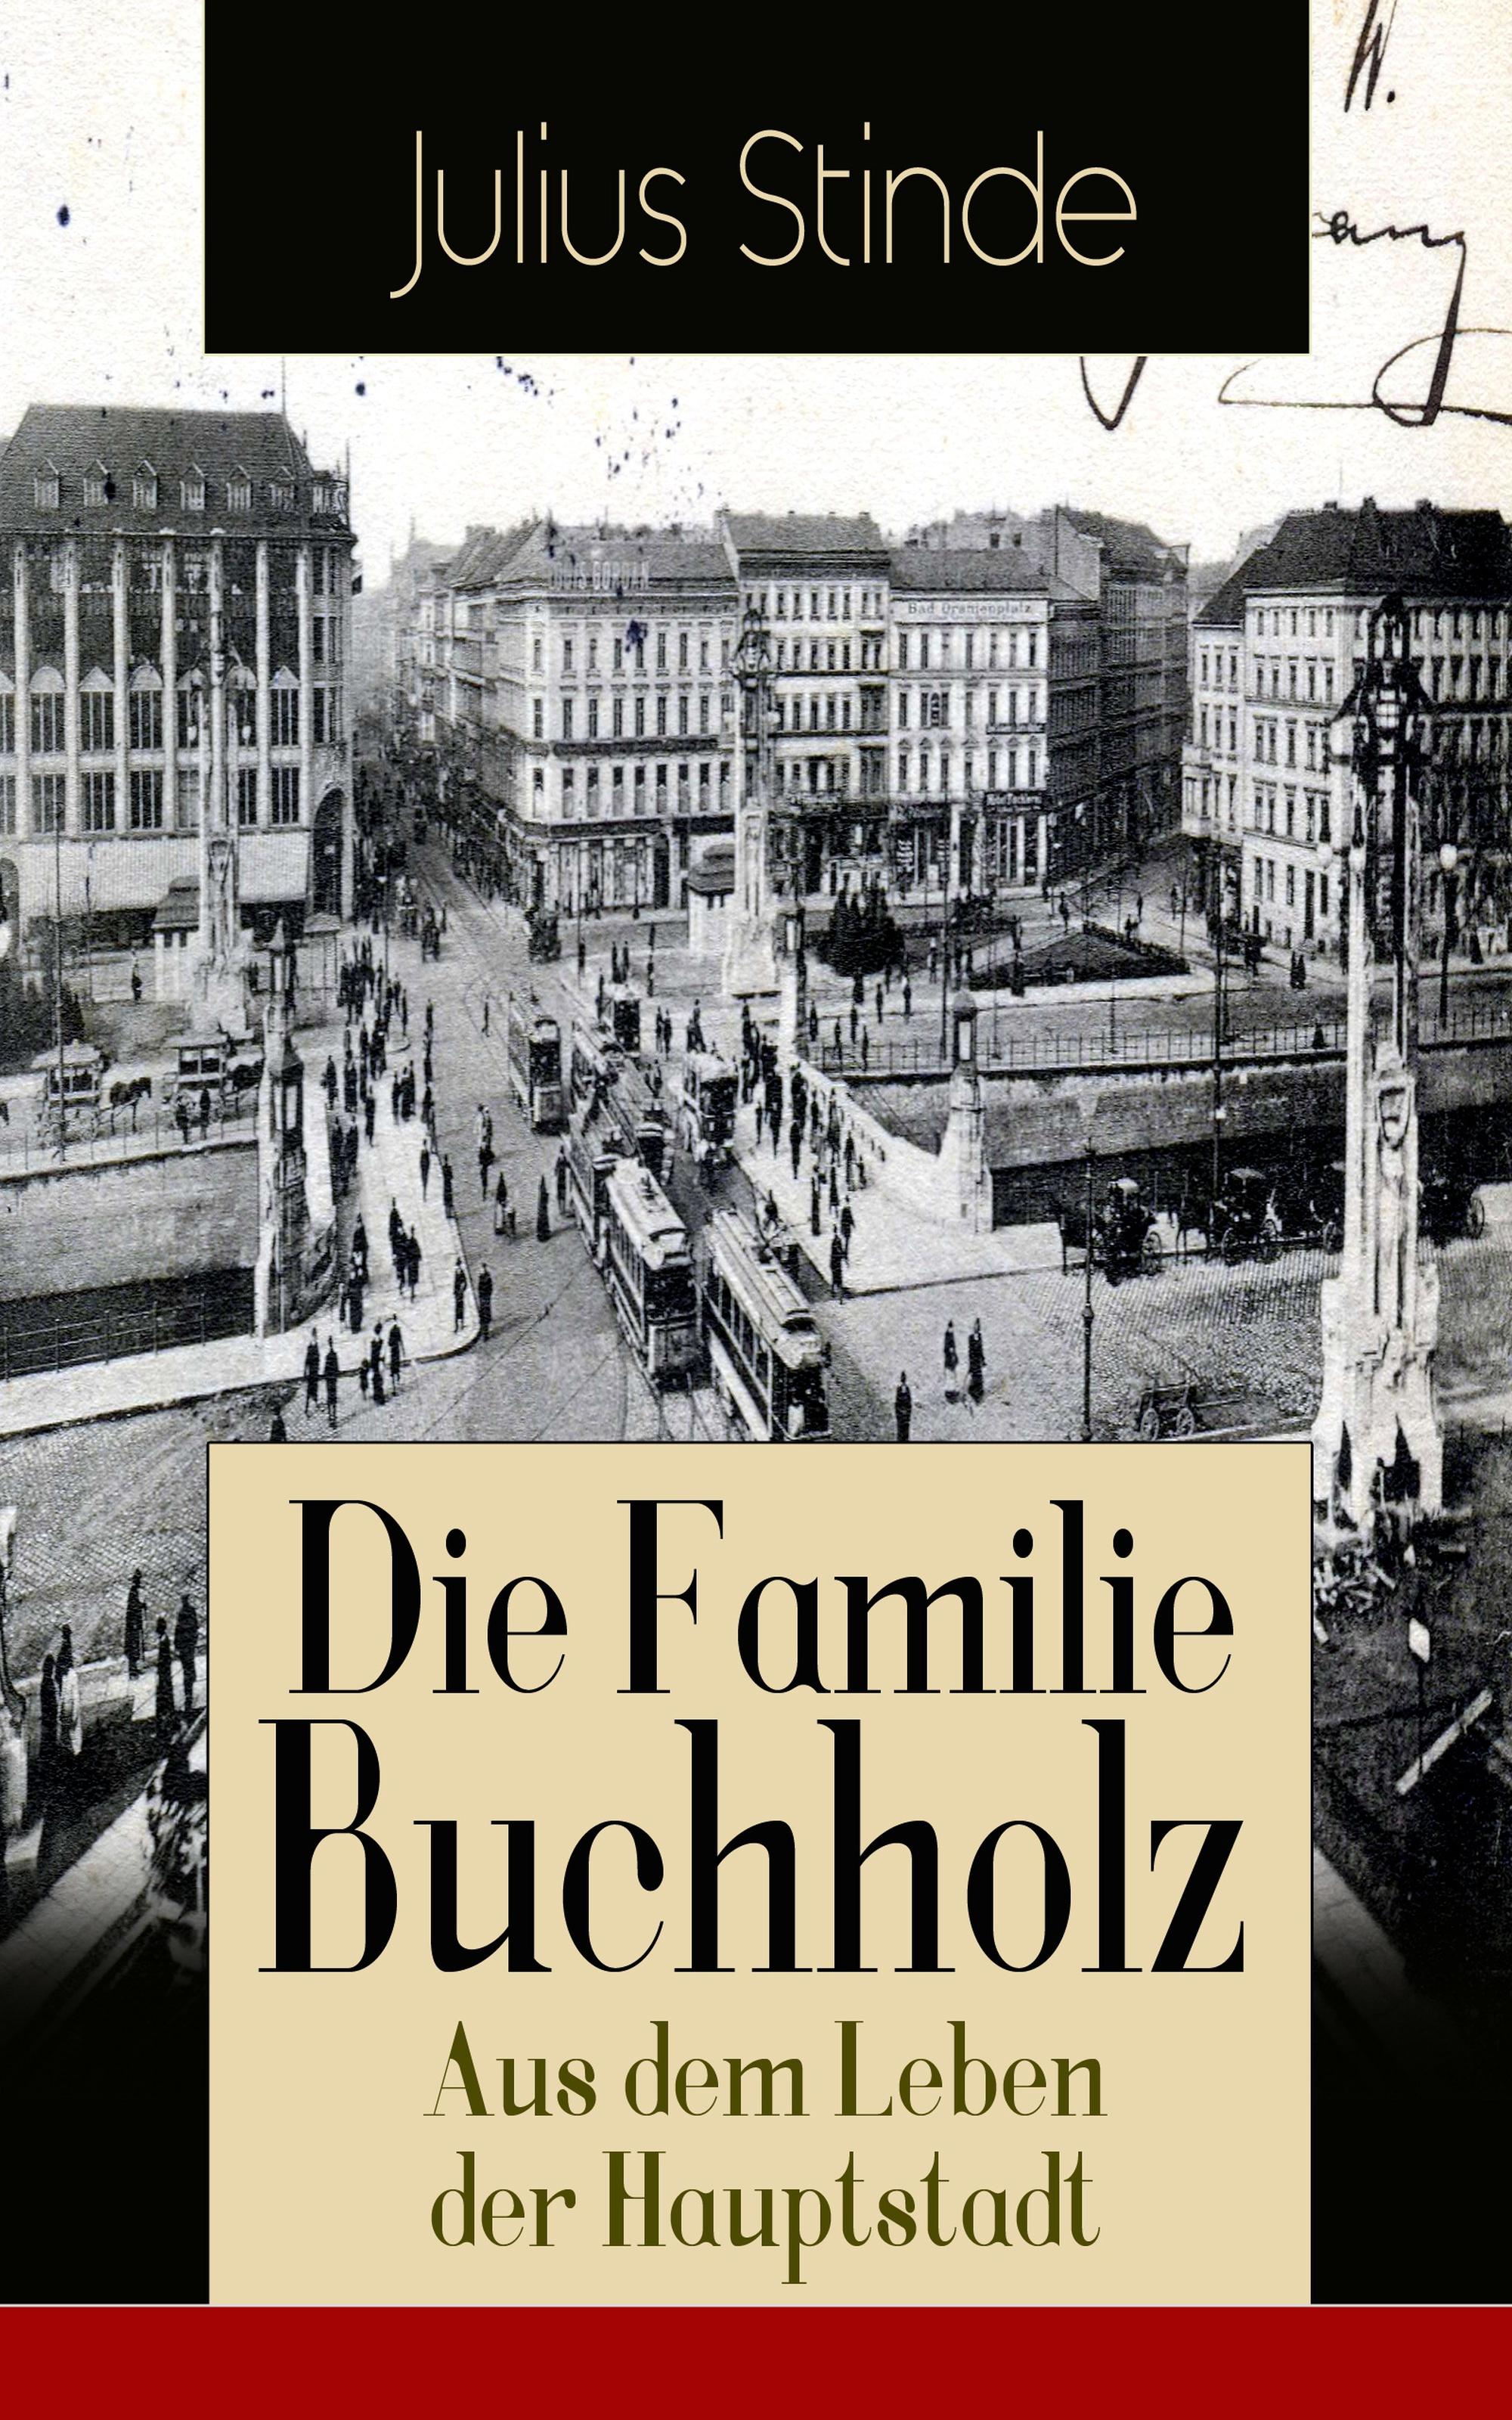 Julius Stinde Die Familie Buchholz - Aus dem Leben der Hauptstadt